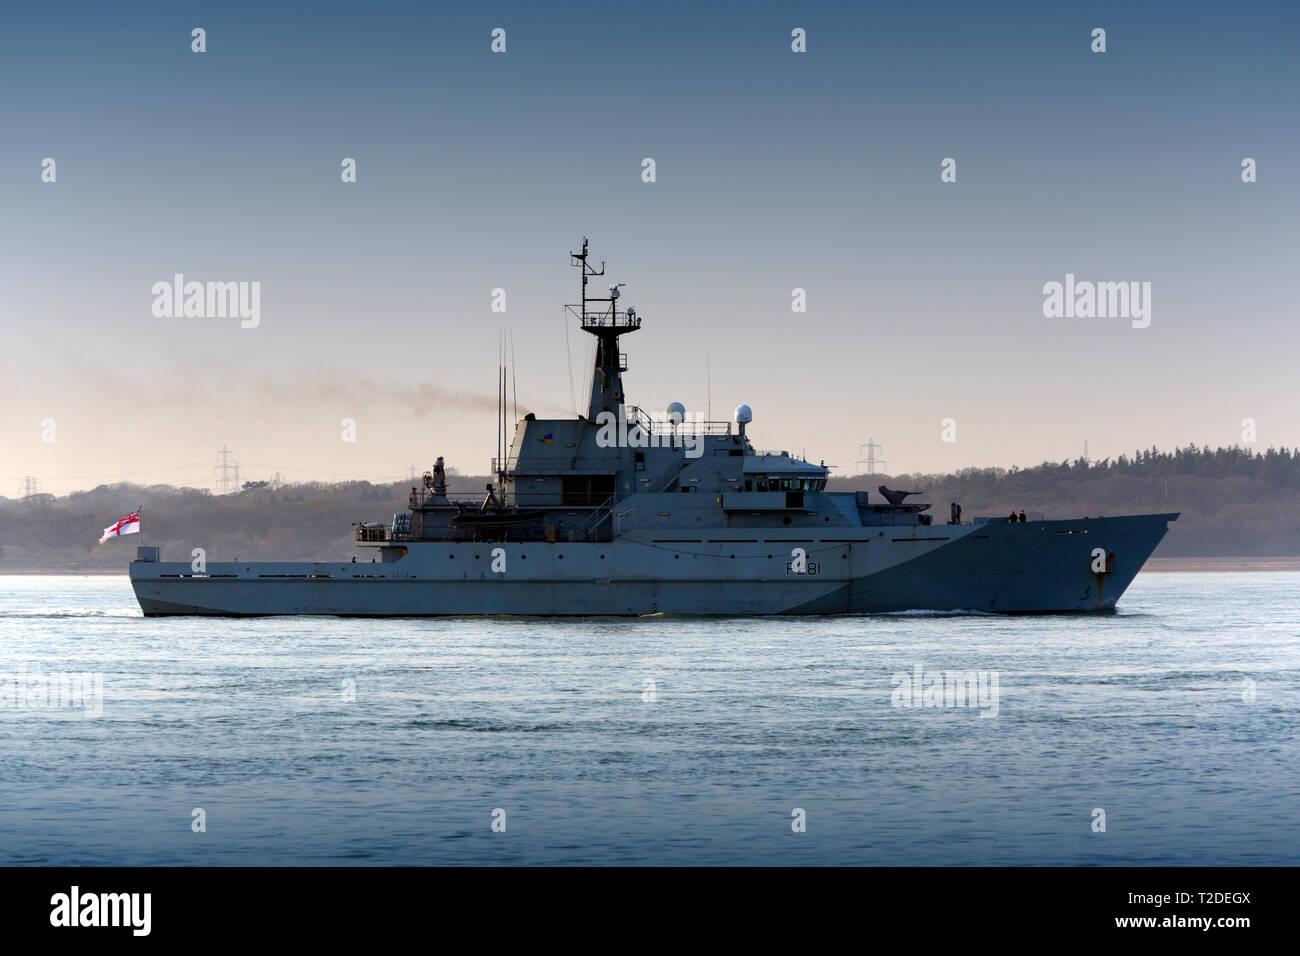 HMS, Tyne, Royal Navy, Krieg, Schiff,, Support, Port, Southampton, Wasser, Hafen, Fawley, Öl, Raffinerie, den Solent, Cowes, Isle of Wight, Großbritannien, besetzt Stockbild